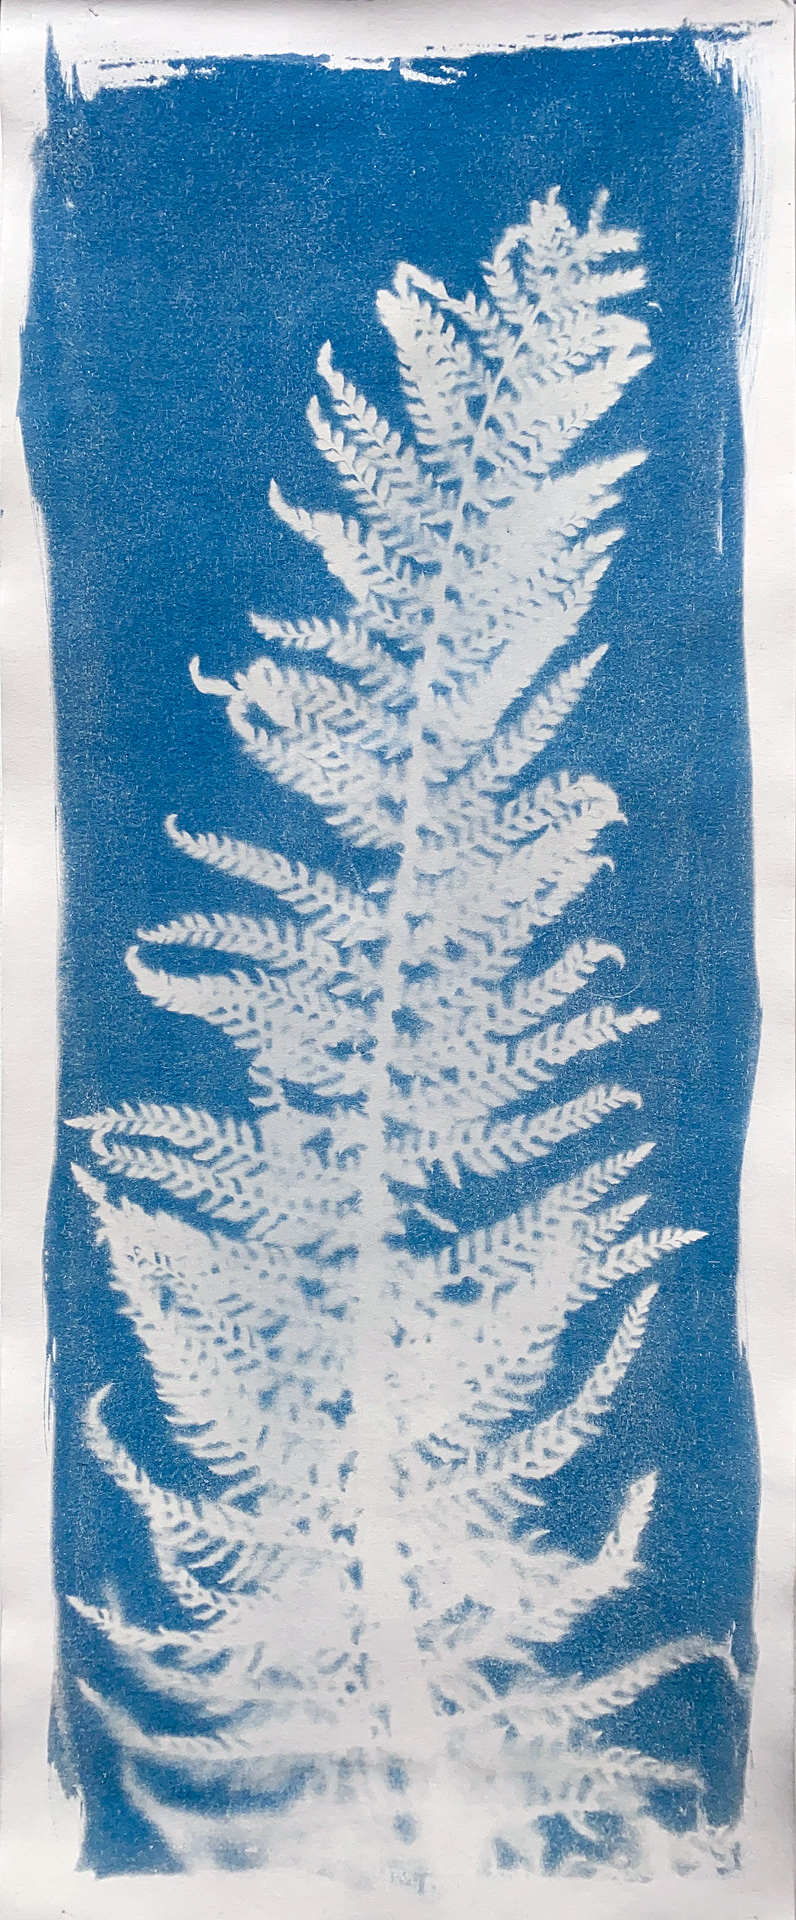 First Cyanotype - Winter Fern Frond